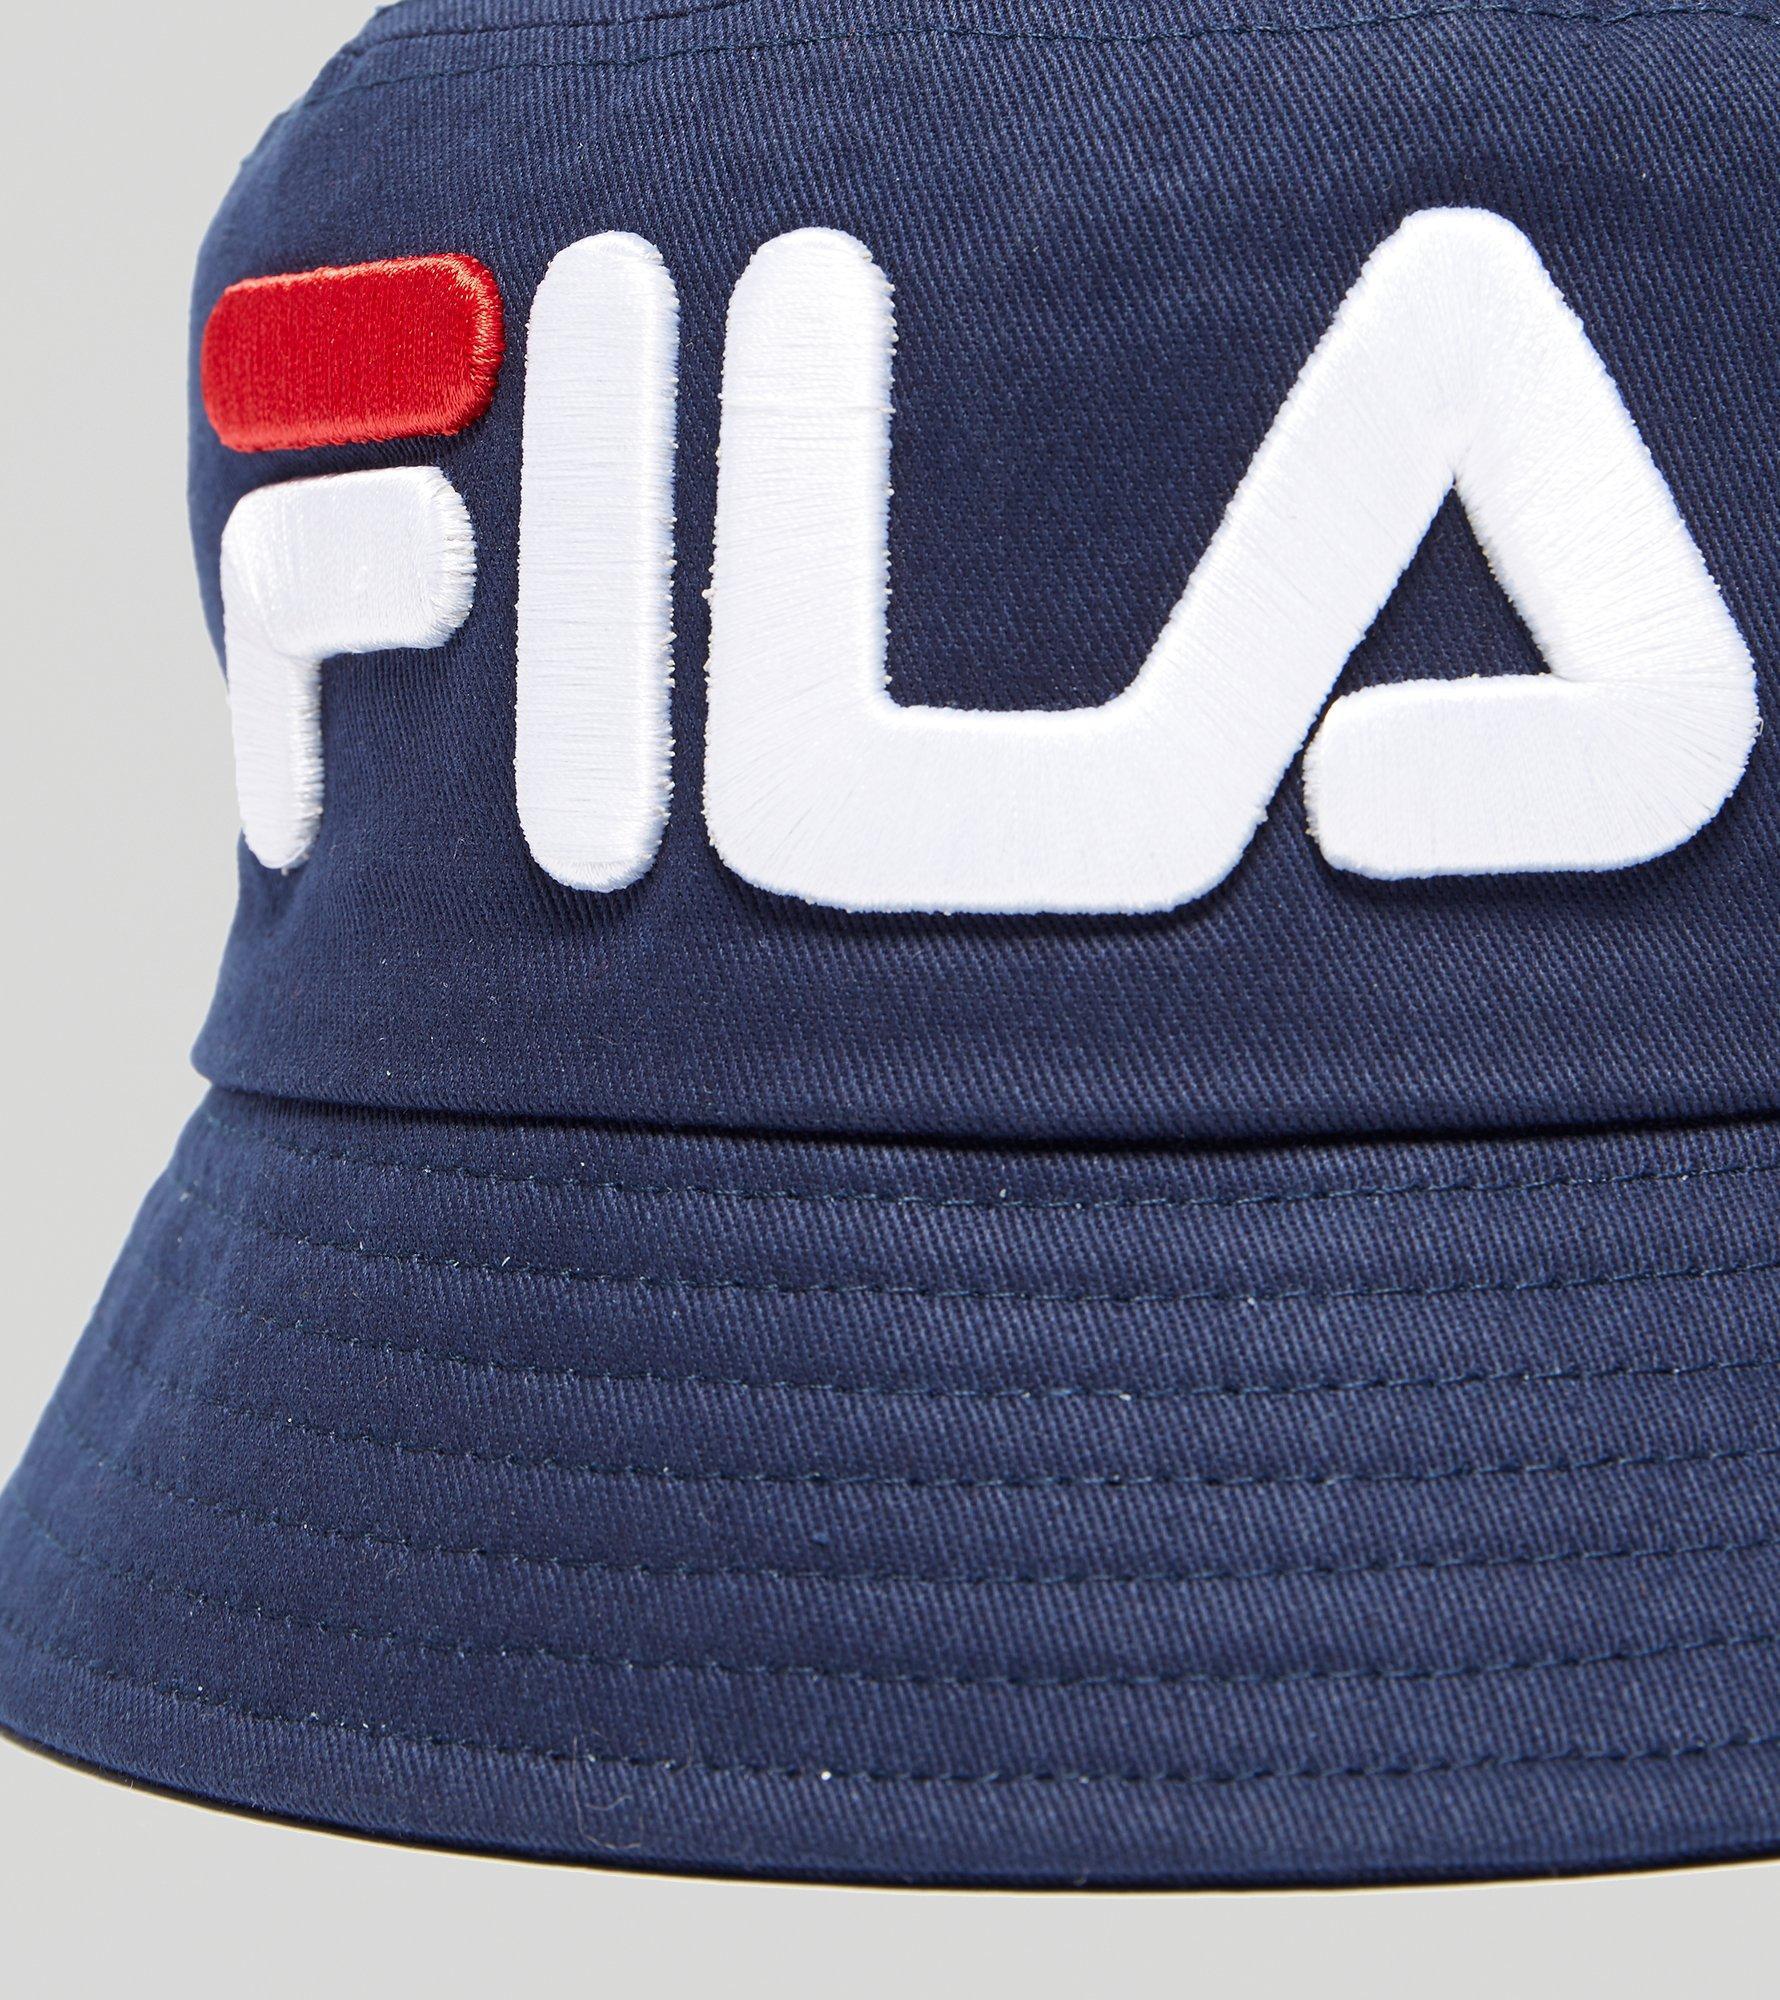 0e6fb091 Fila Beefie Bucket Hat in Blue for Men - Lyst